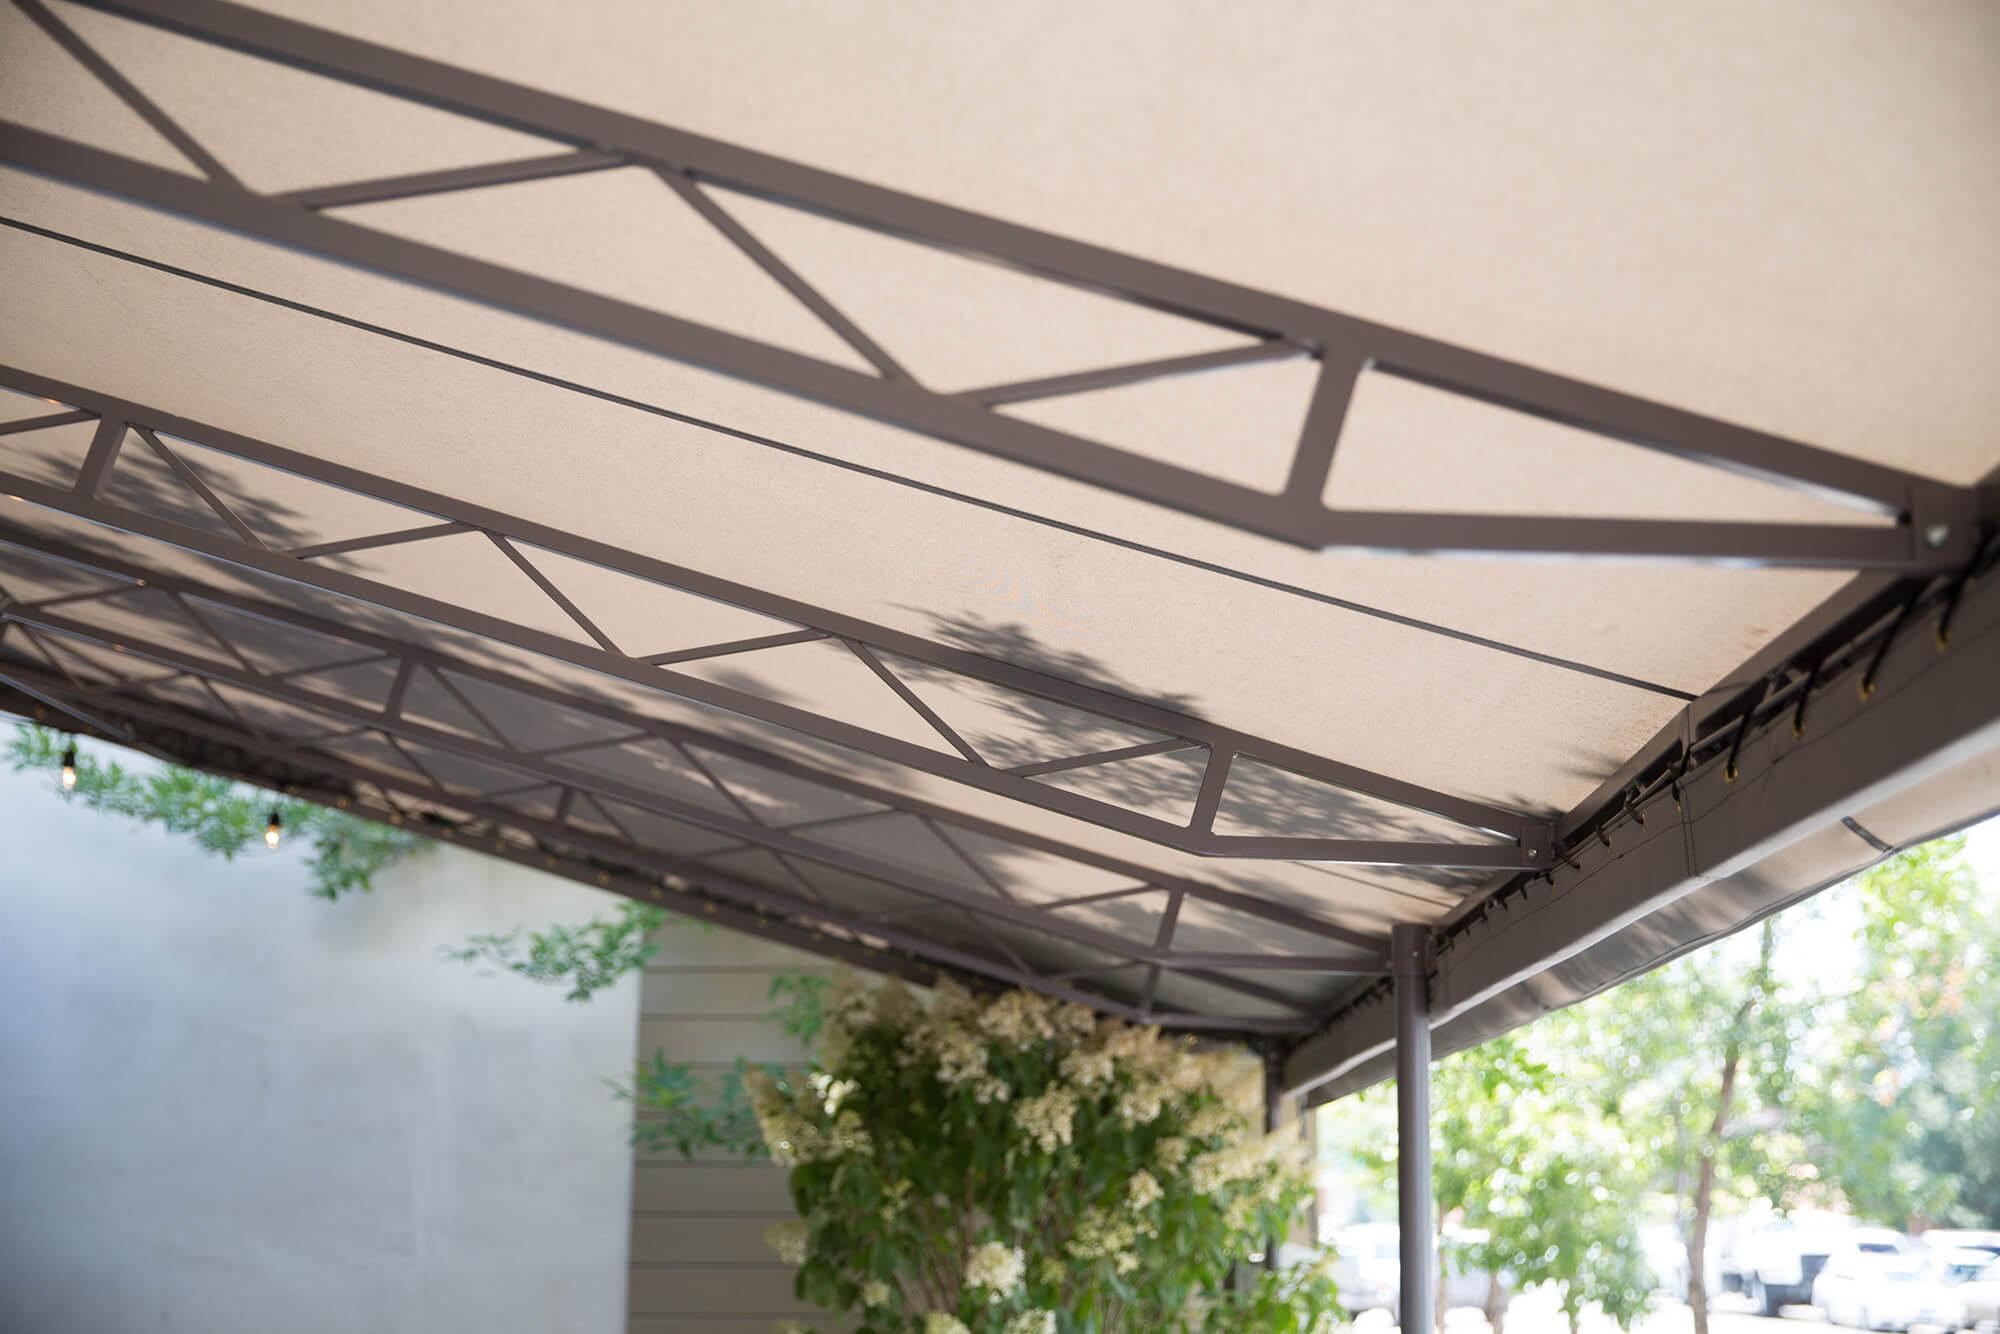 褐色 Sunbrella 固定式遮阳篷底部细节